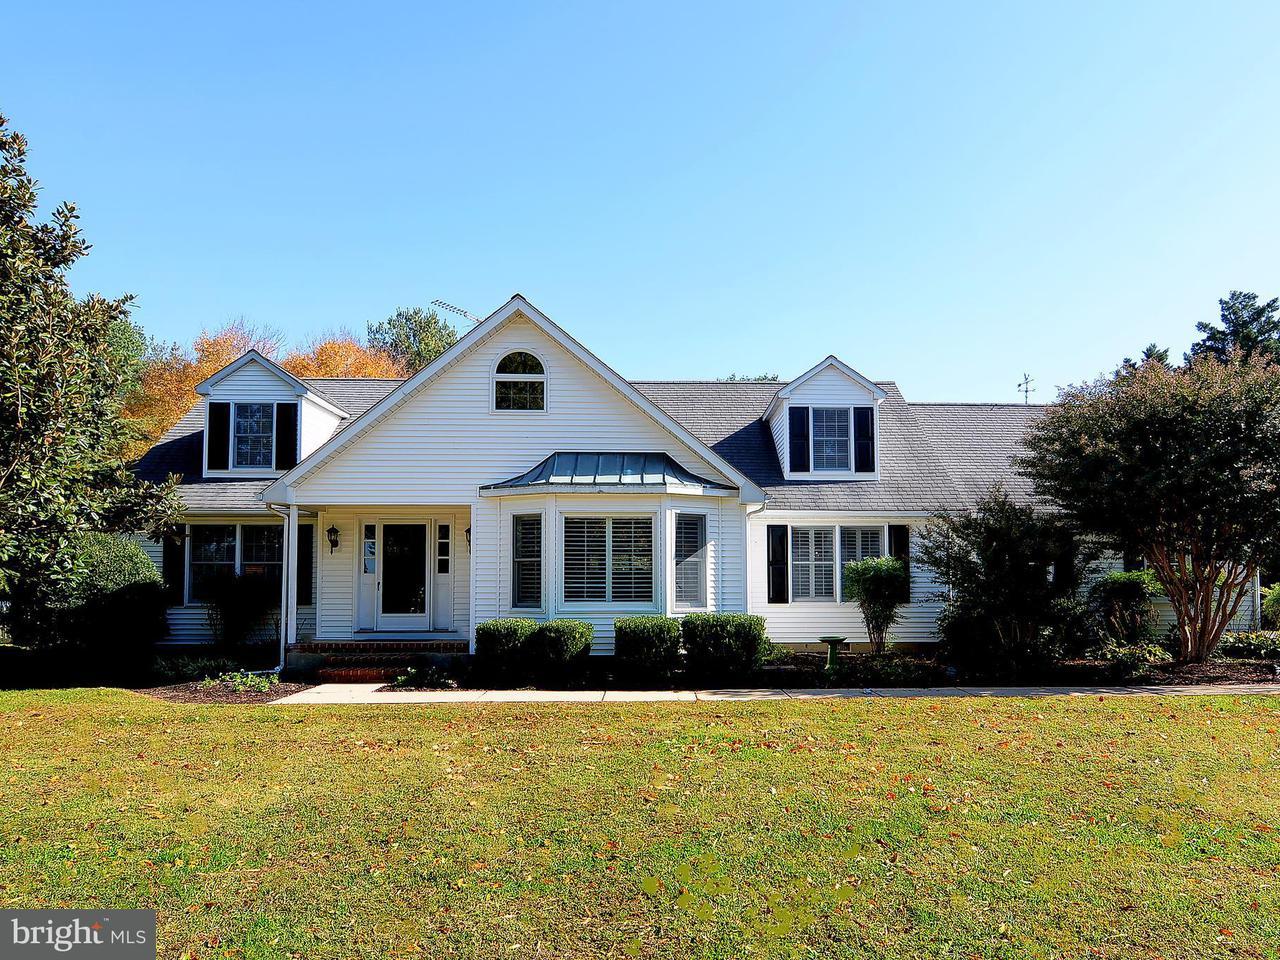 Maison unifamiliale pour l Vente à 7846 WOODLAND Circle 7846 WOODLAND Circle Easton, Maryland 21601 États-Unis